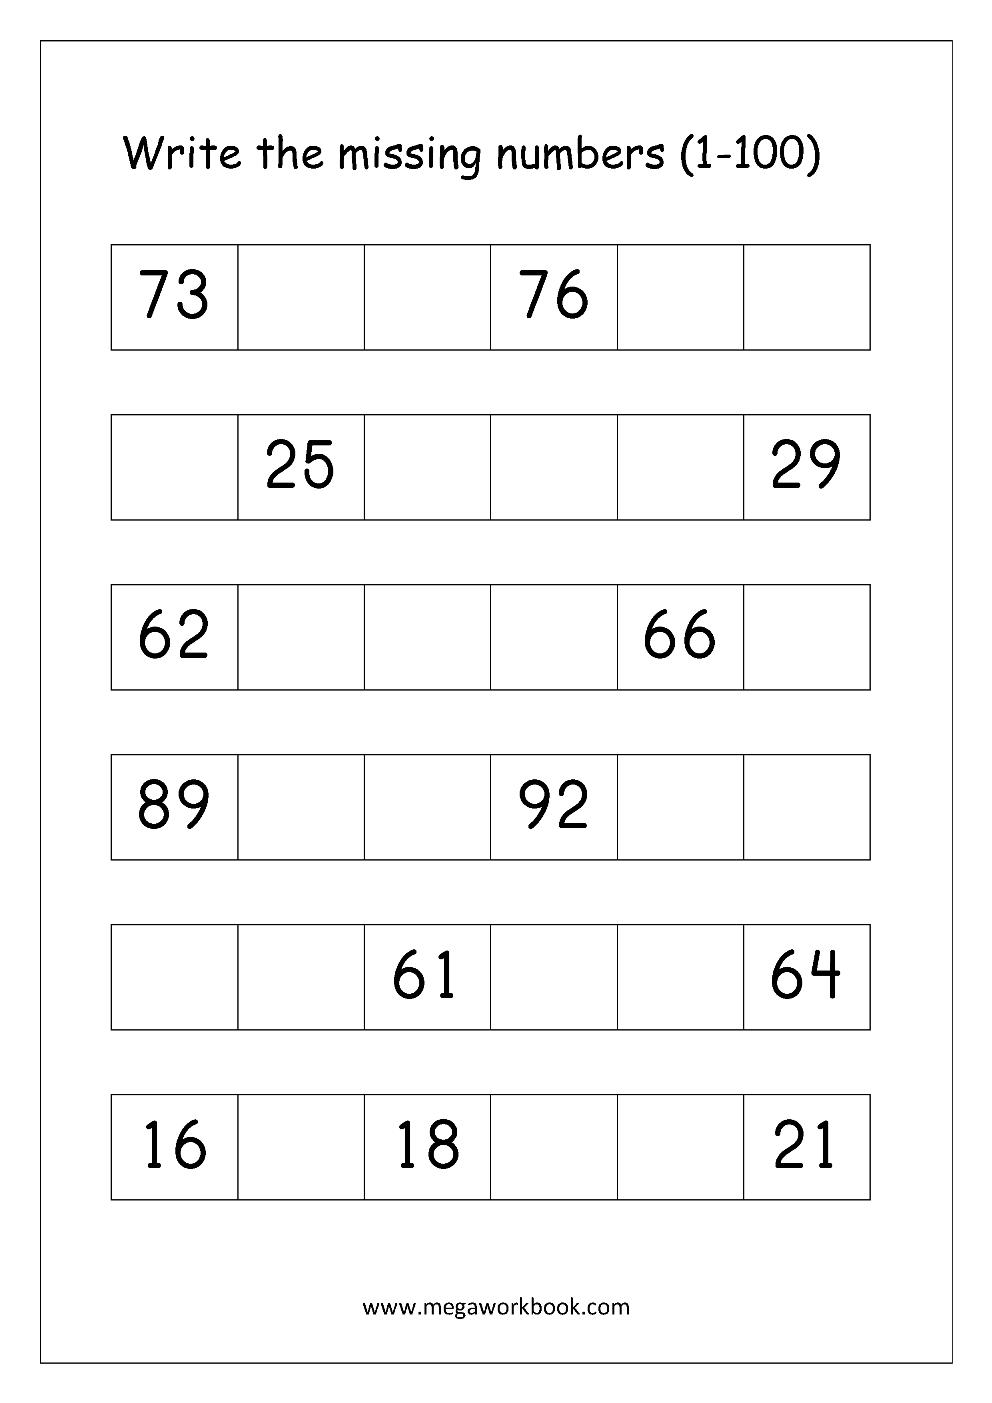 Missing_Number_2 | Maths Worksheets for Kindergarten ... on kindergarten math number bonds worksheet, kindergarten numbers 1 20 chart, kindergarten number sequencing 1-10 worksheets, kindergarten writing numbers 1-10, kindergarten missing number worksheet, kindergarten worksheets numbers 1 100, kindergarten cut and paste numbers worksheets, preschool number recognition worksheets 1-10,